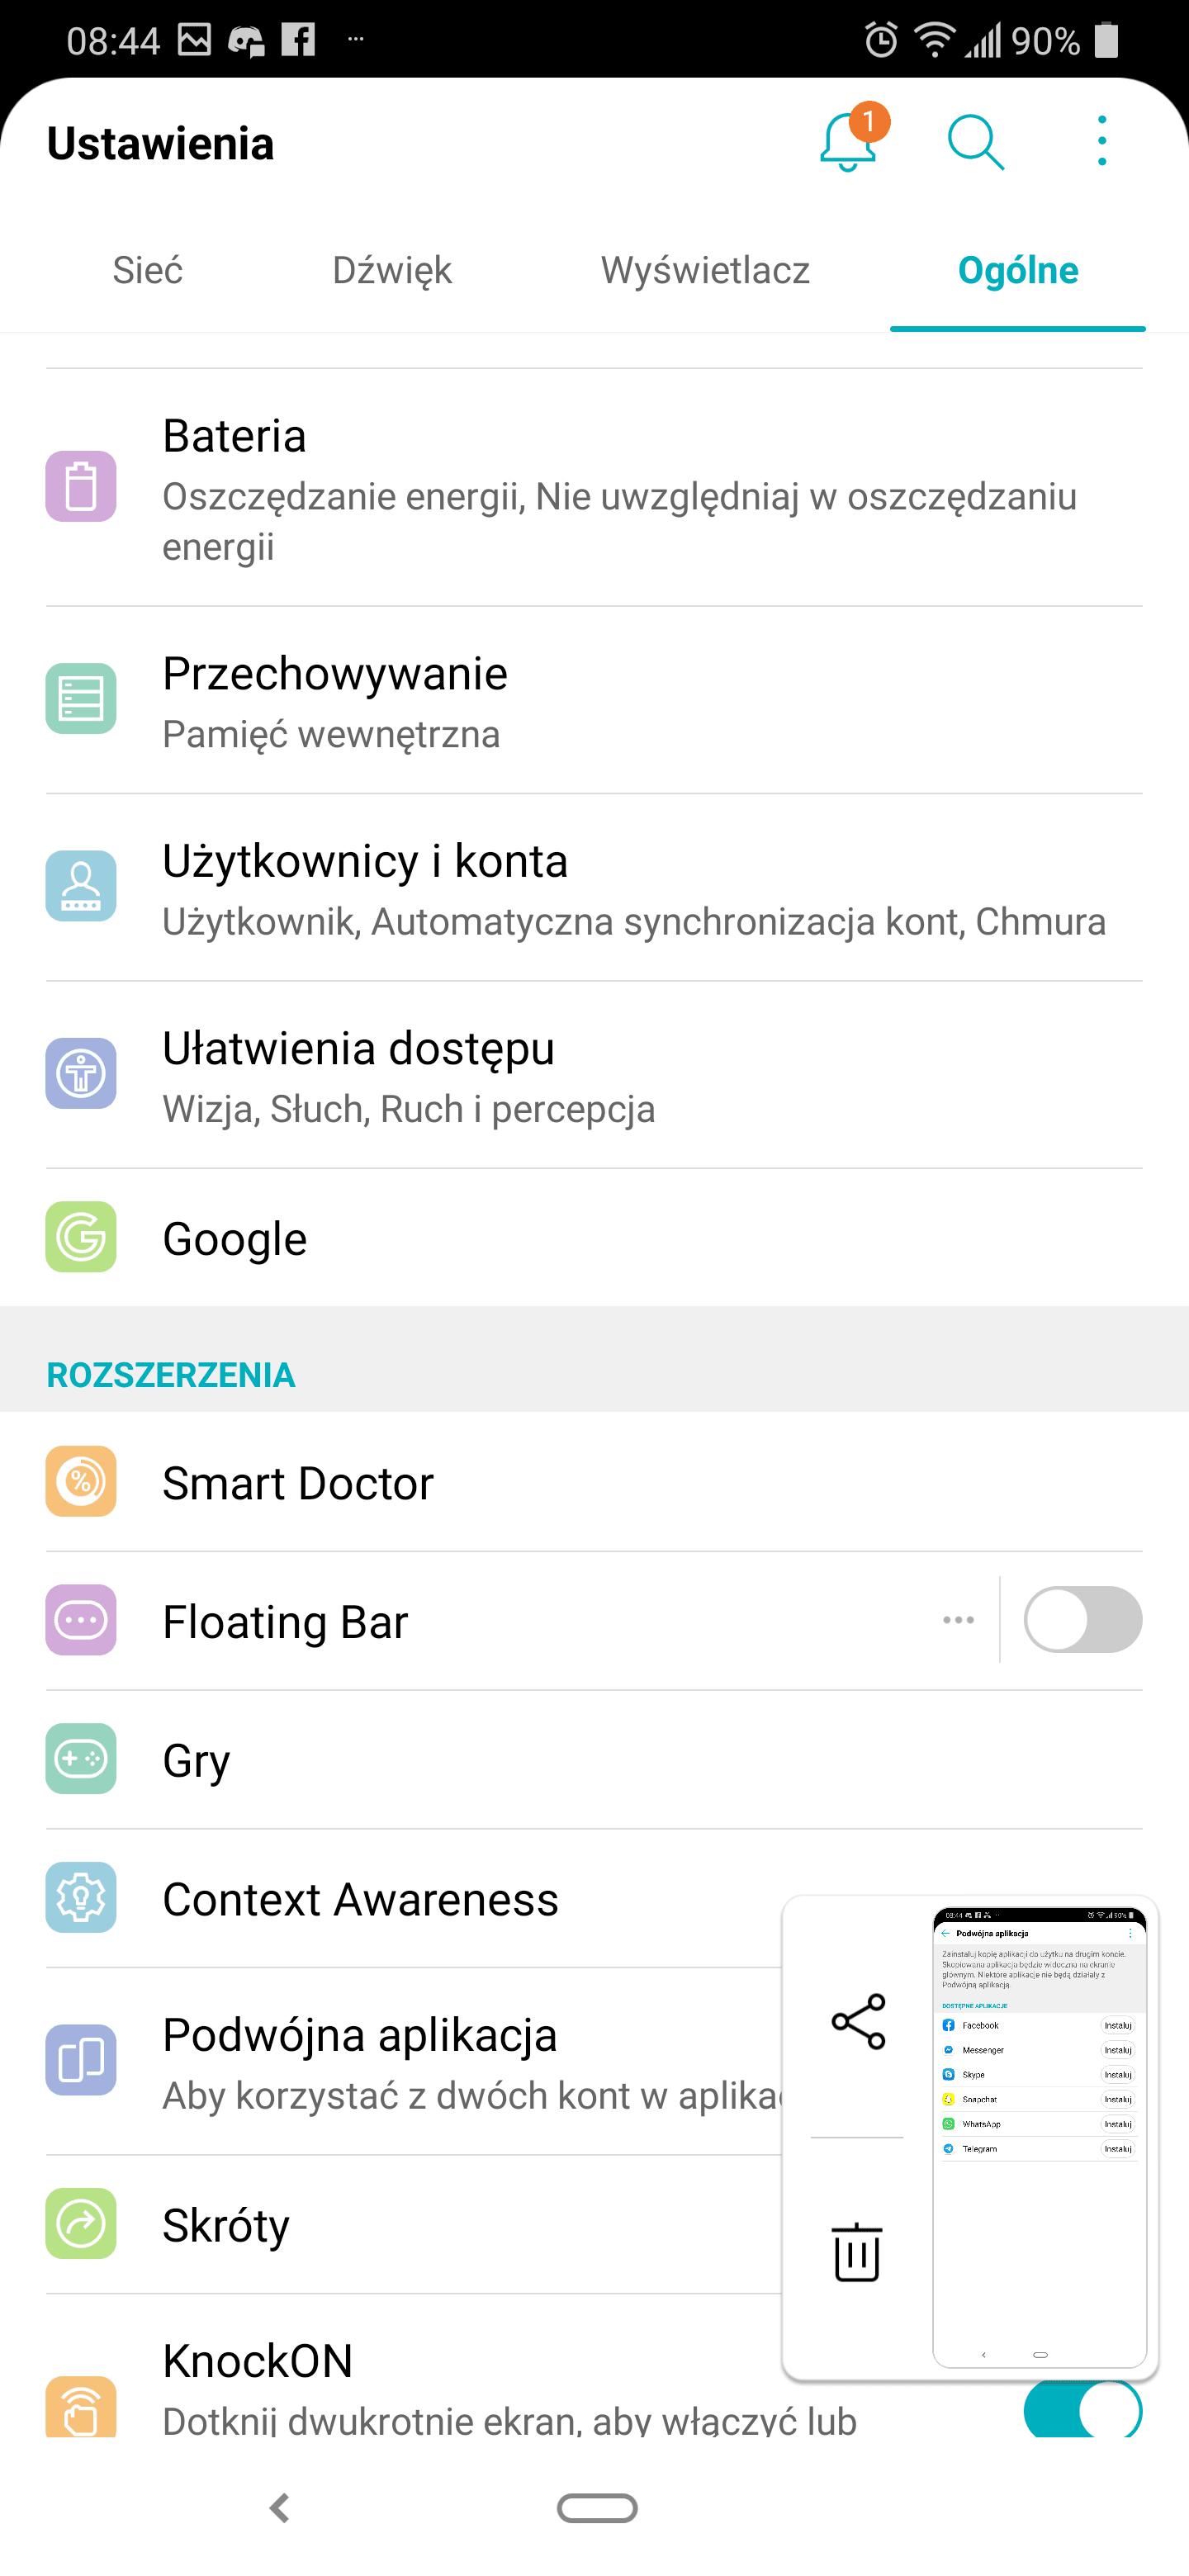 LG G7 ThinQ z długo oczekiwaną aktualizacją do Androida 9 Pie. Zmiany pozytywnie zaskakują 21